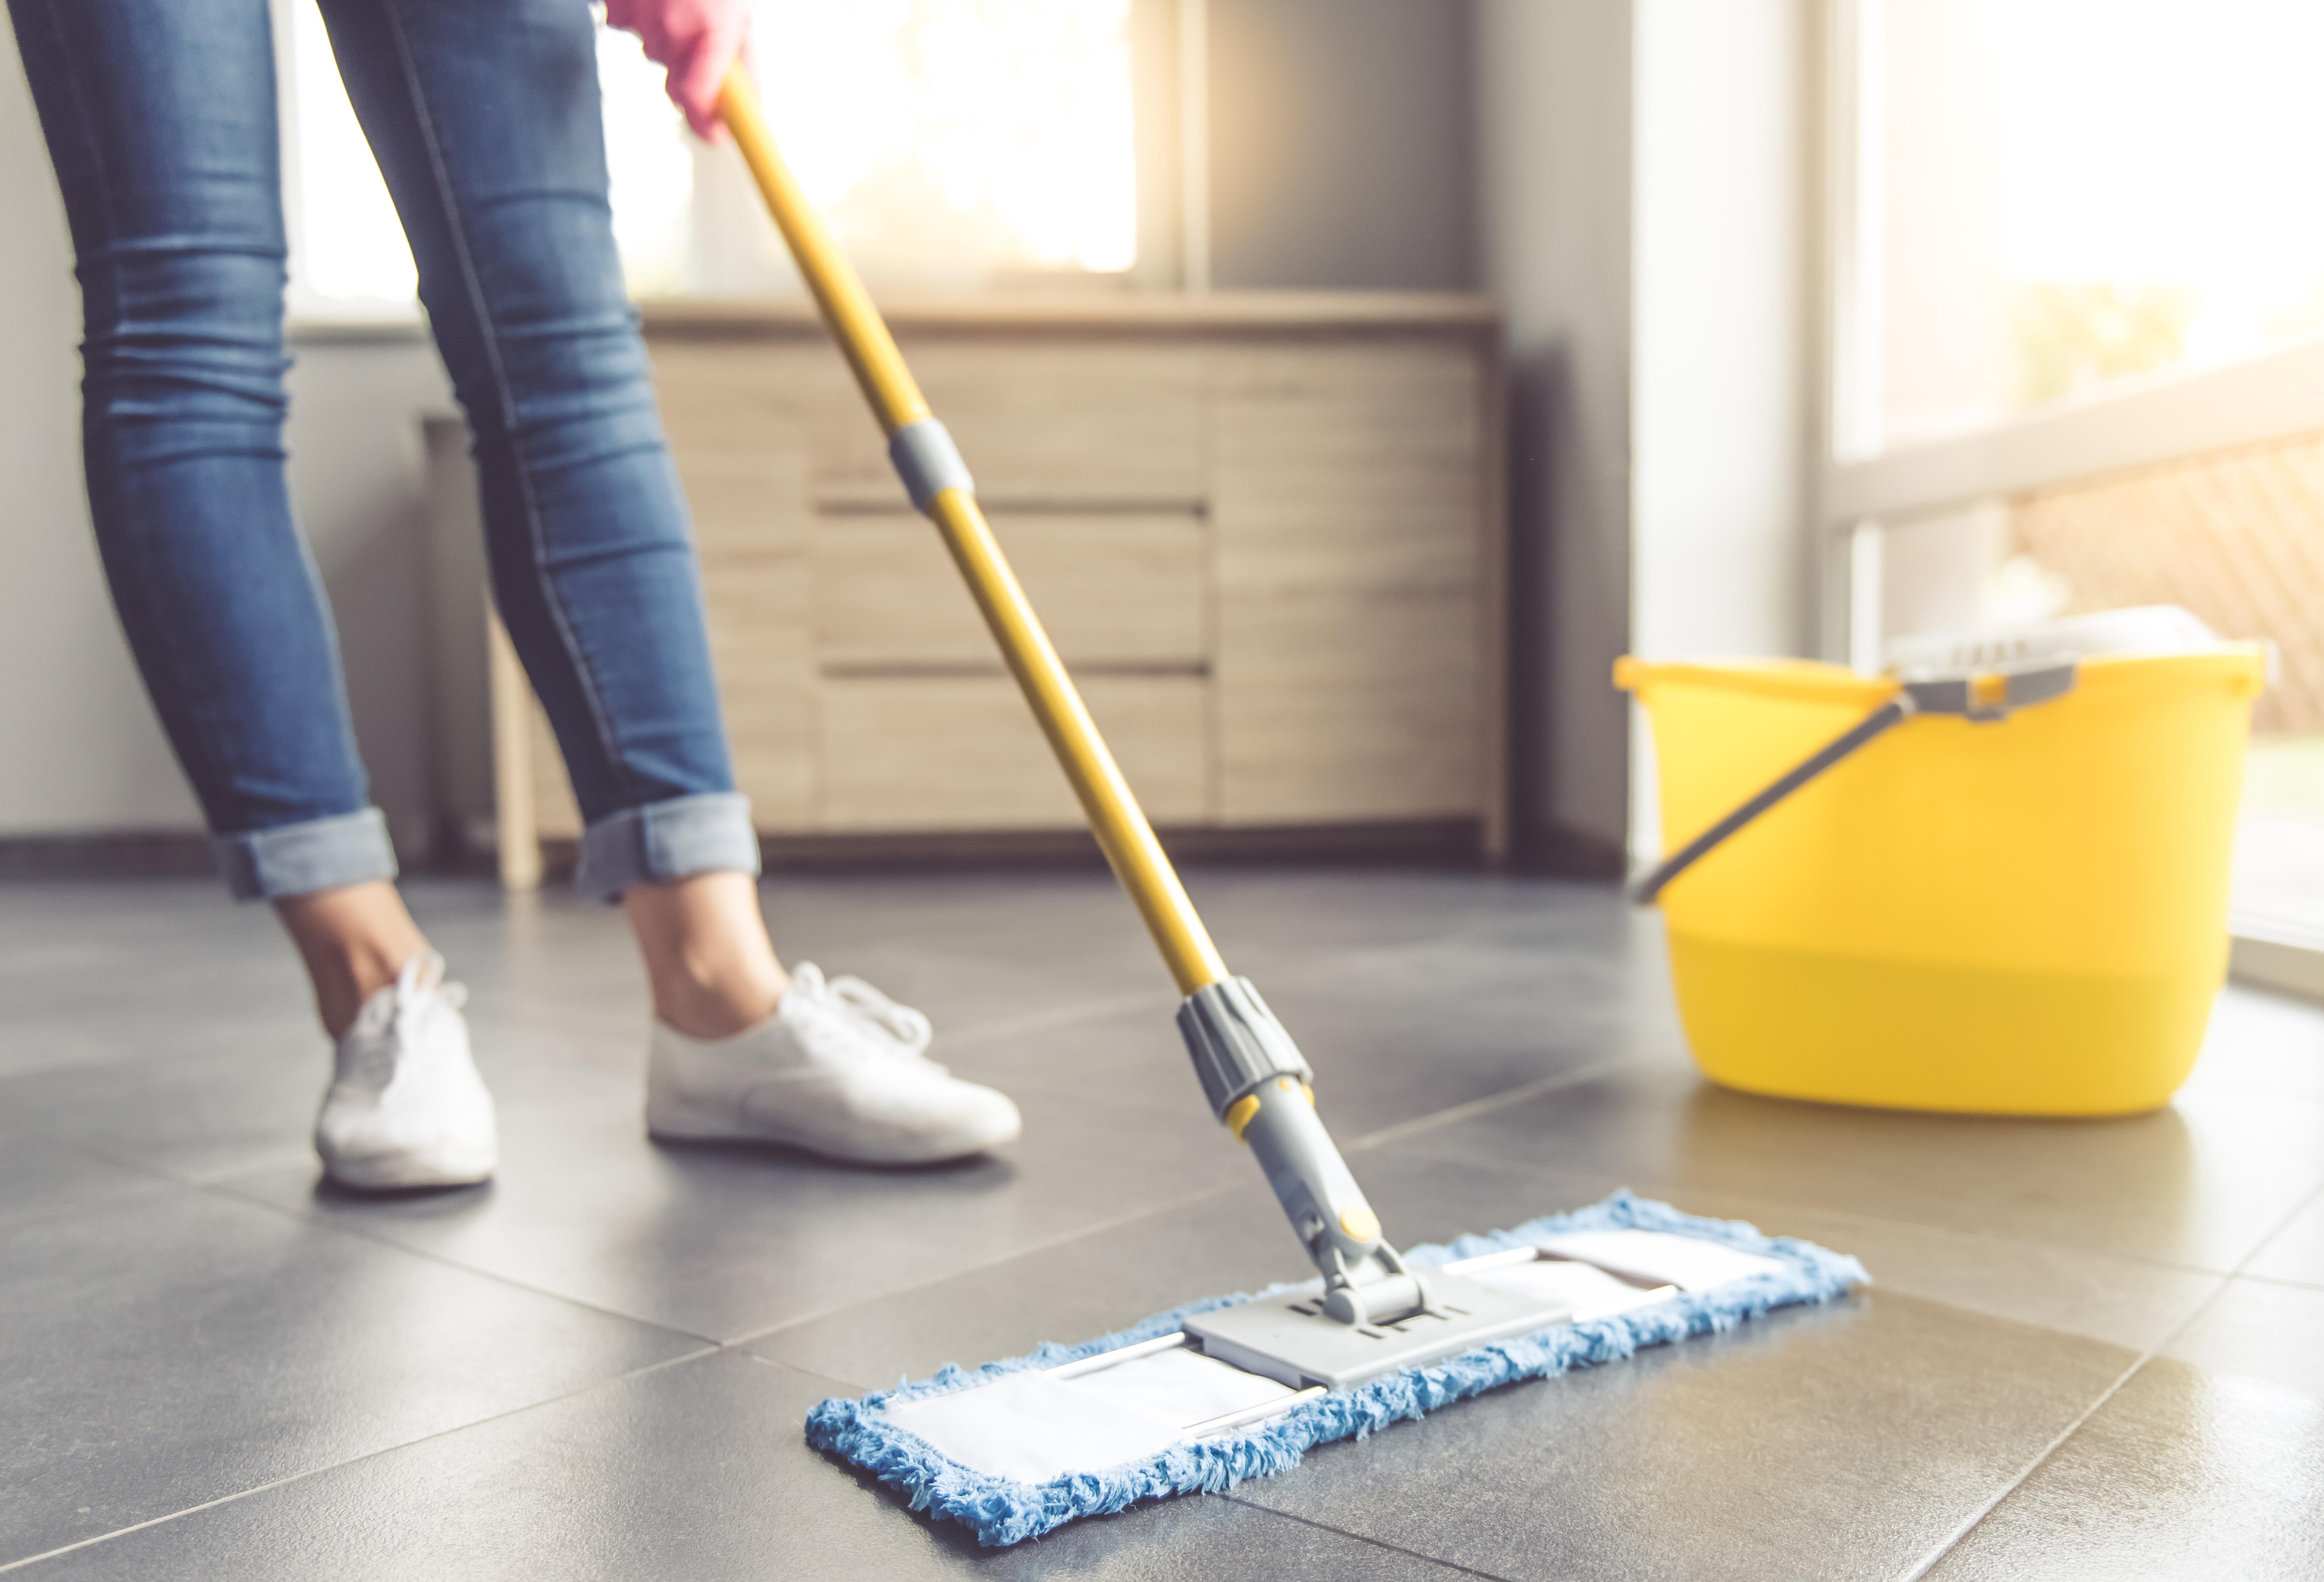 För att få ihop 30 minuters fysisk aktivitet varje dag kan man även räkna in olika hushållssysslor.